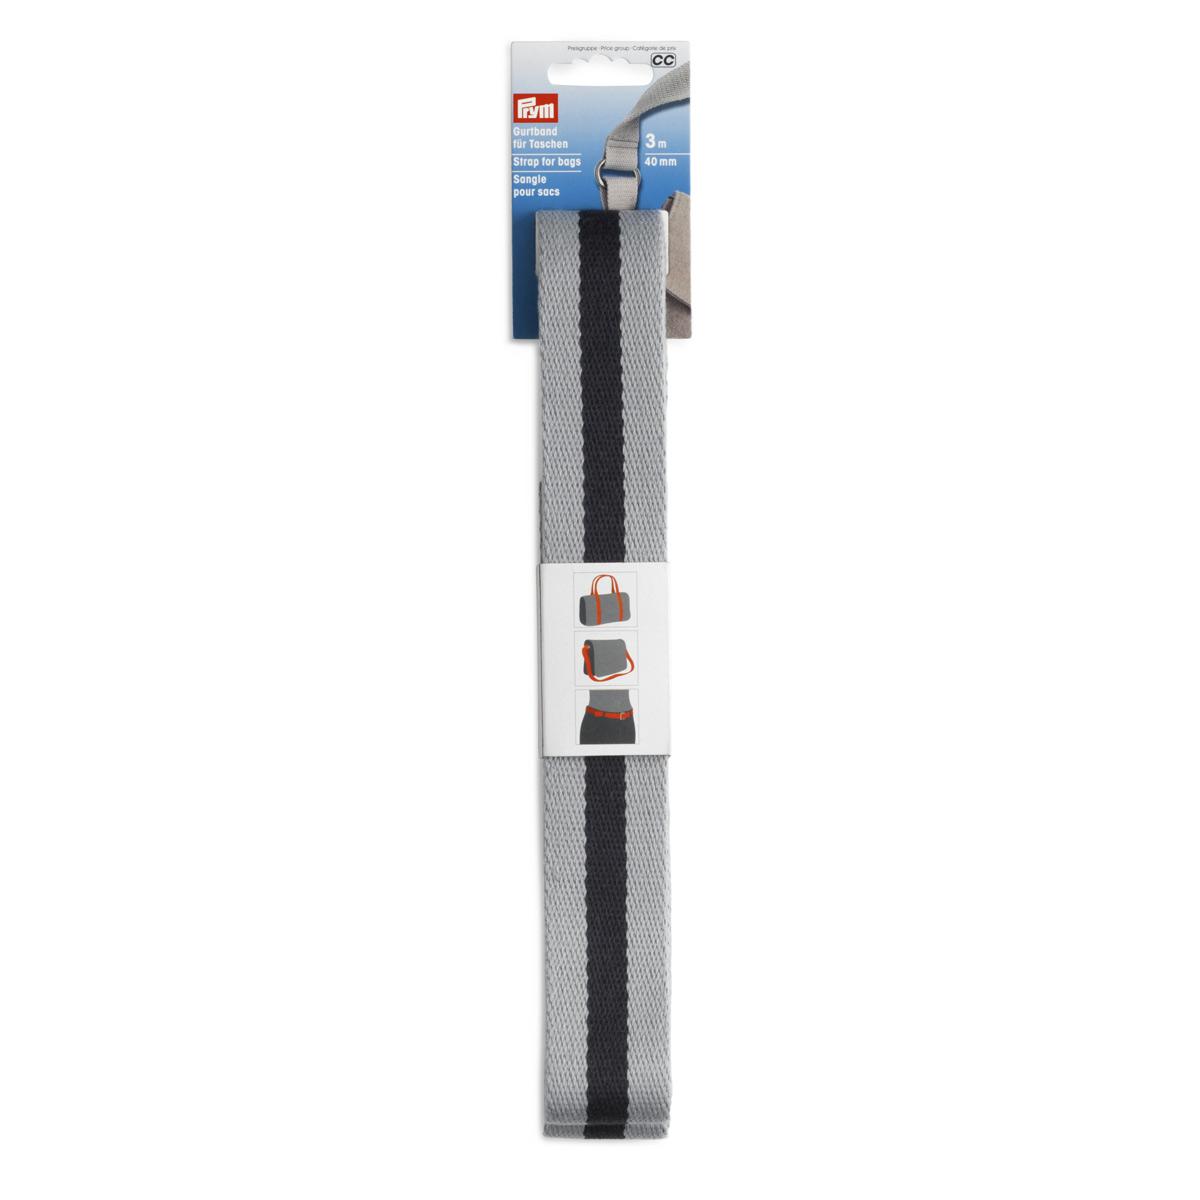 965214 Лента-ремень для сумок 40мм*3м цв.серый/синий Prym